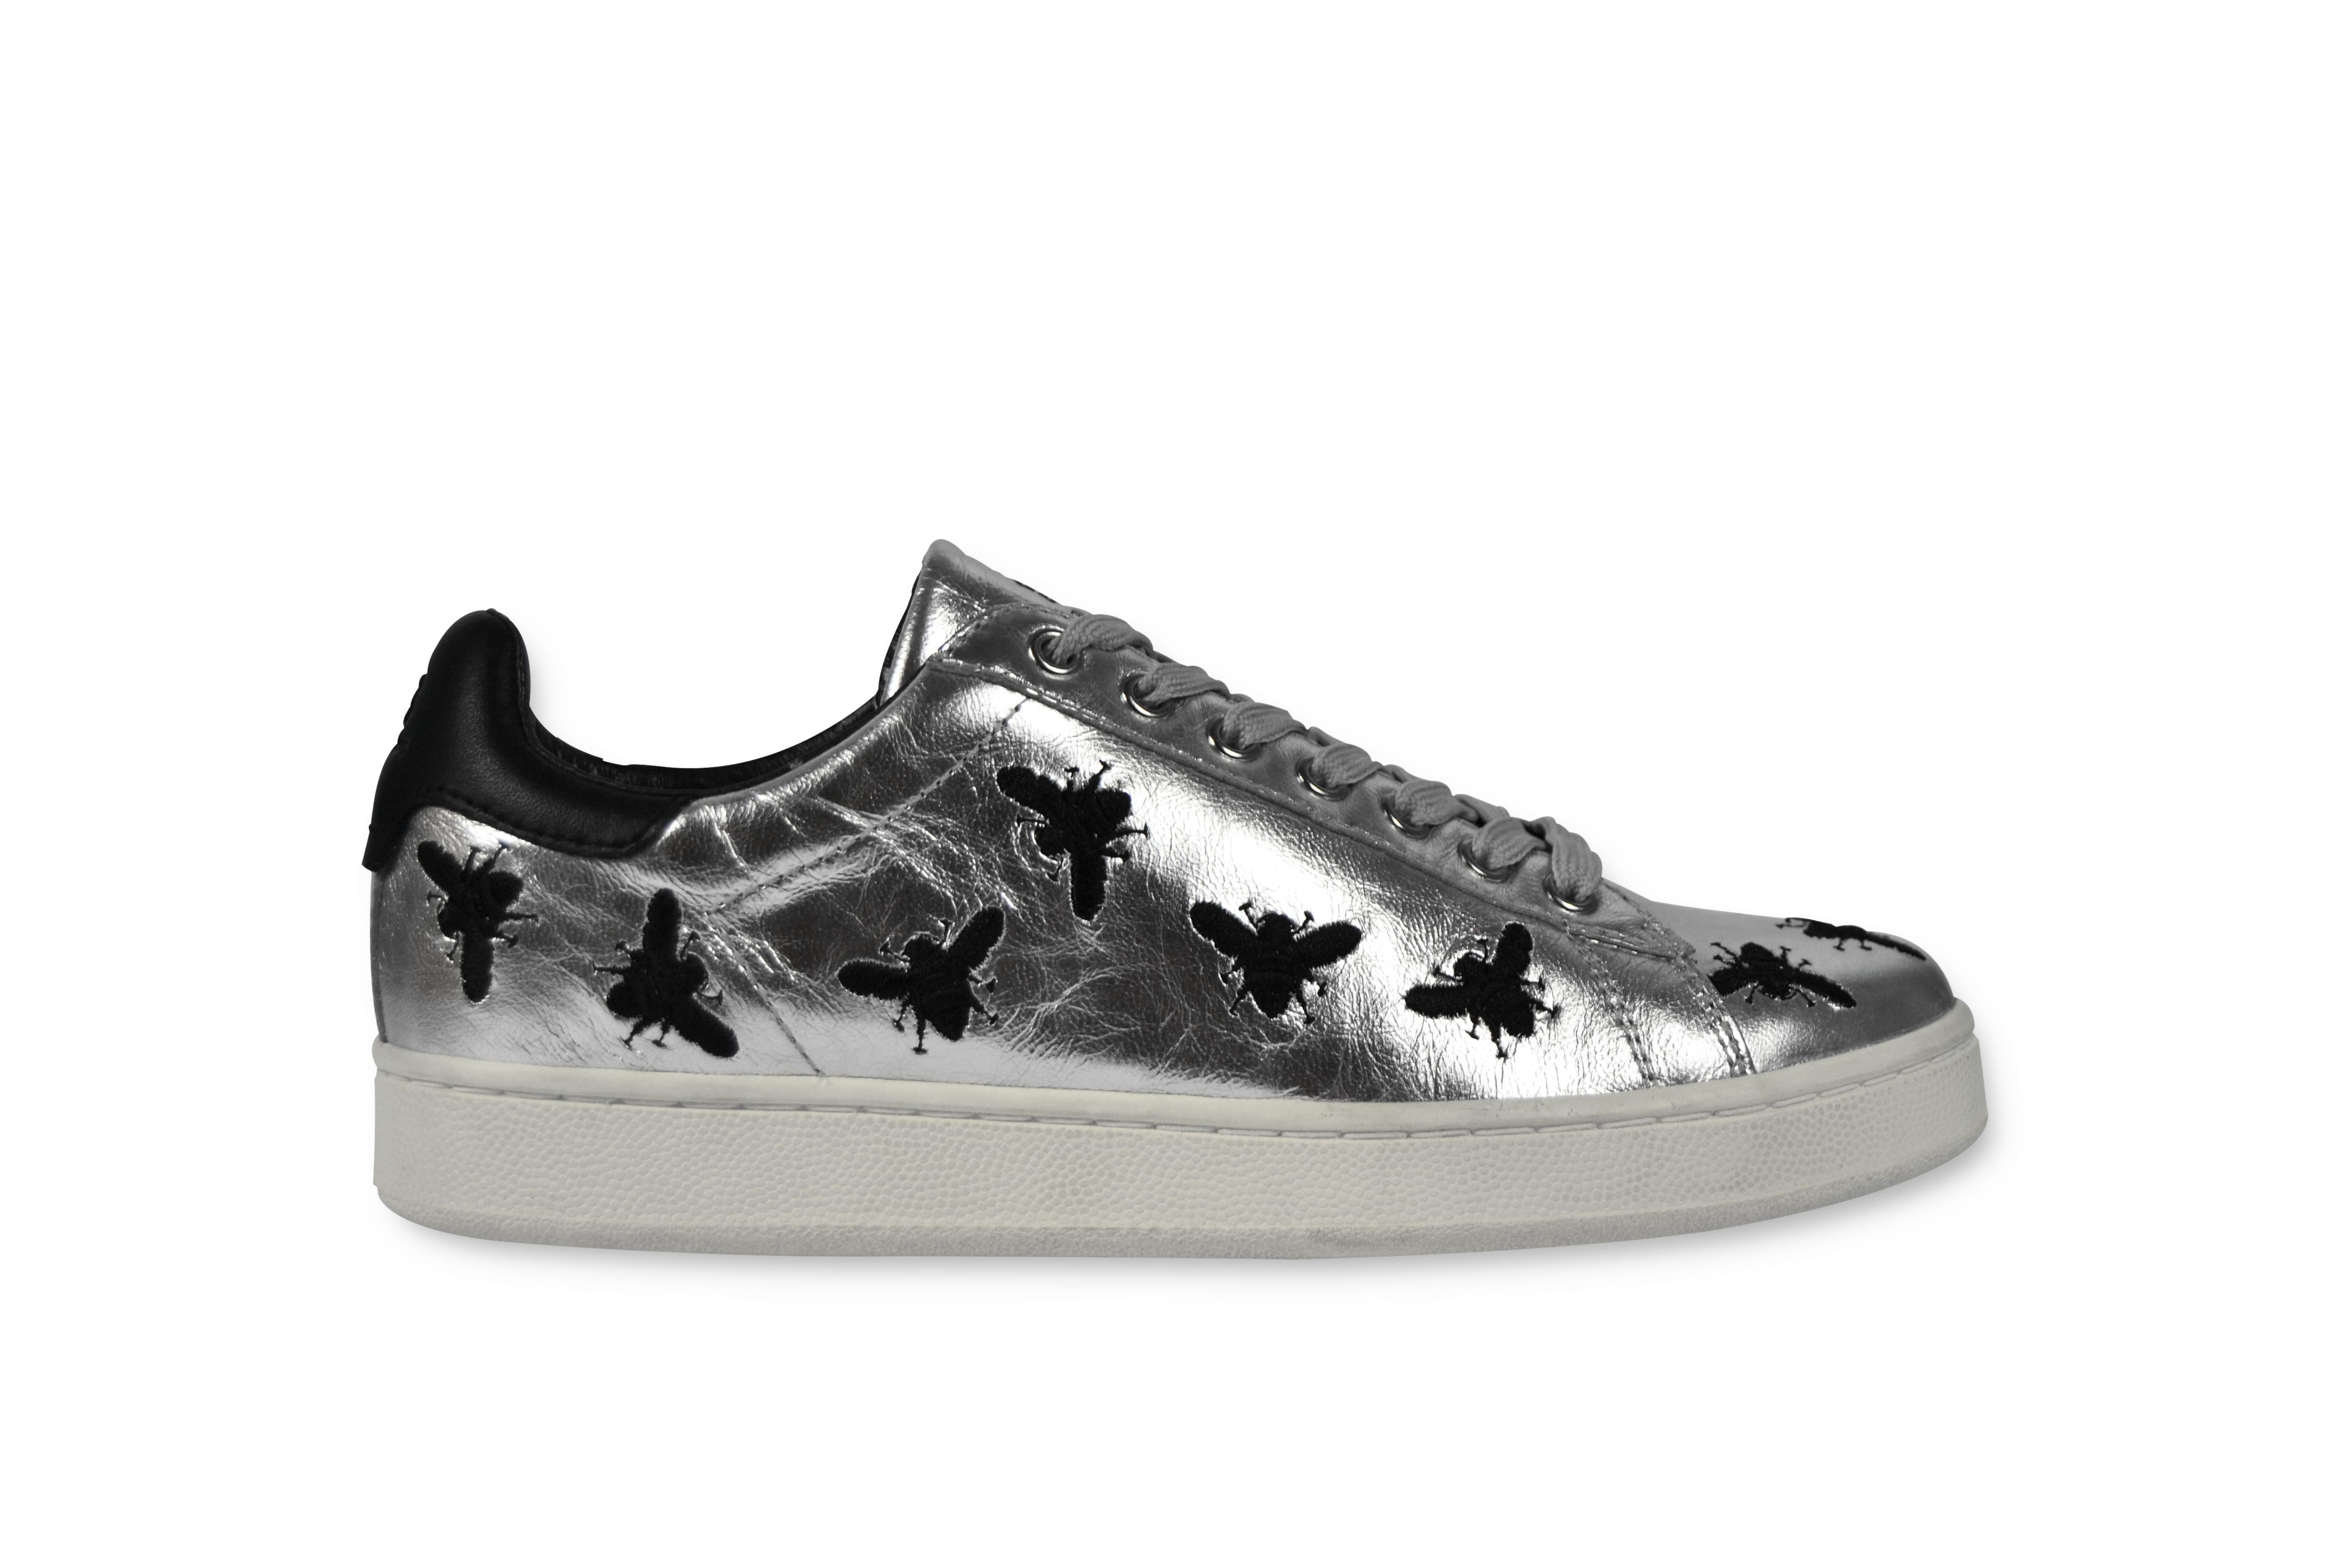 Oltre ai principali fashion retailer la sneaker della Bees Capsule  Collection di MOA Master of Arts è disponibile anche online su www.moa .concept.com d6c6a2d8c14